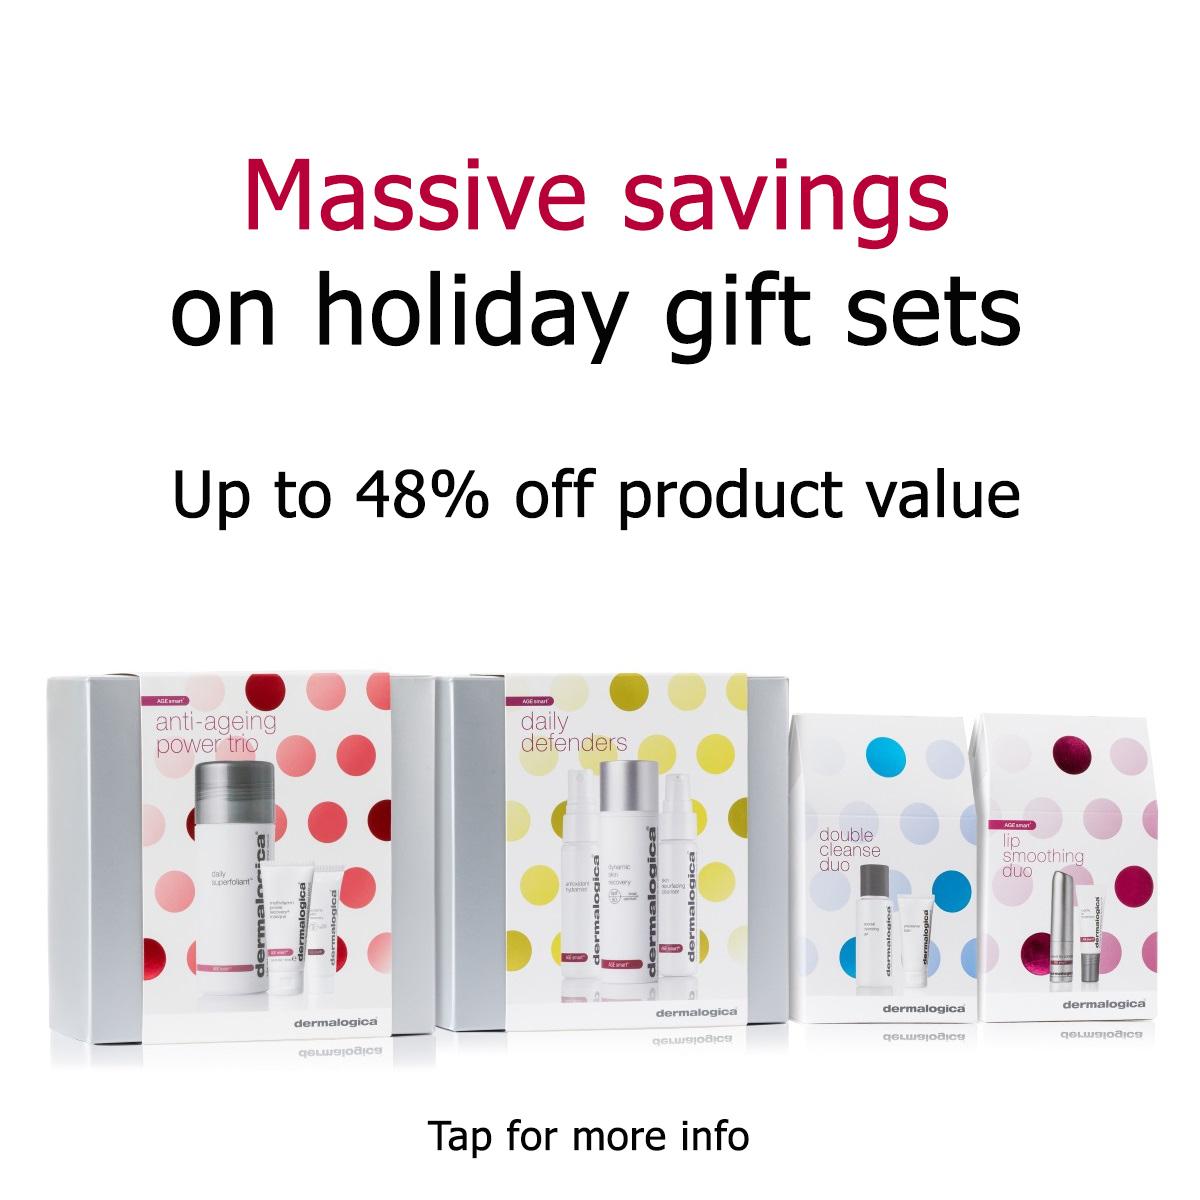 up to 48% off dermalogica gift sets